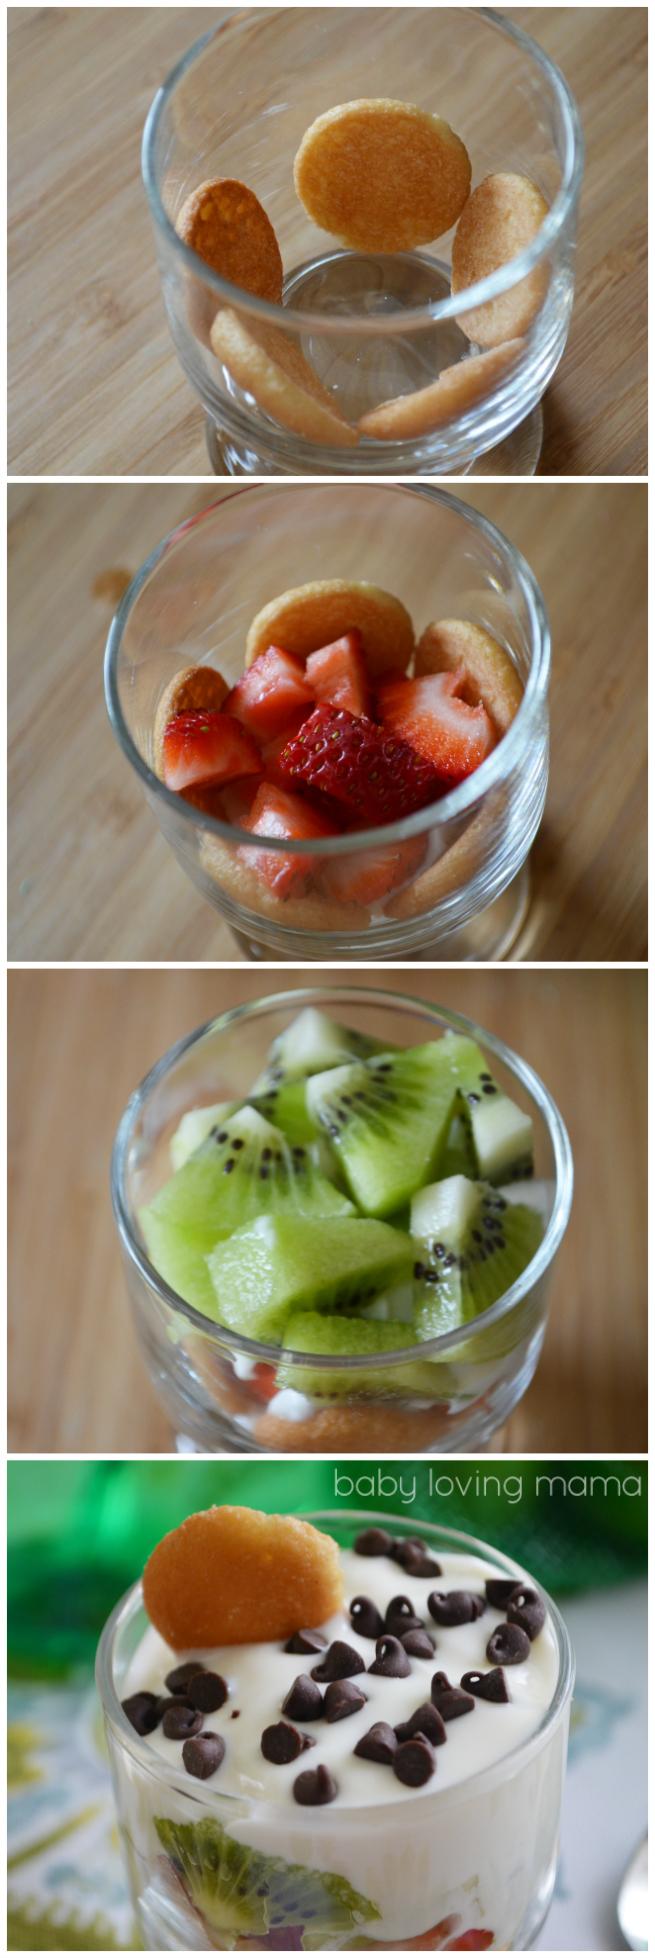 Fruit and Yogurt Parfait with Nilla wafers